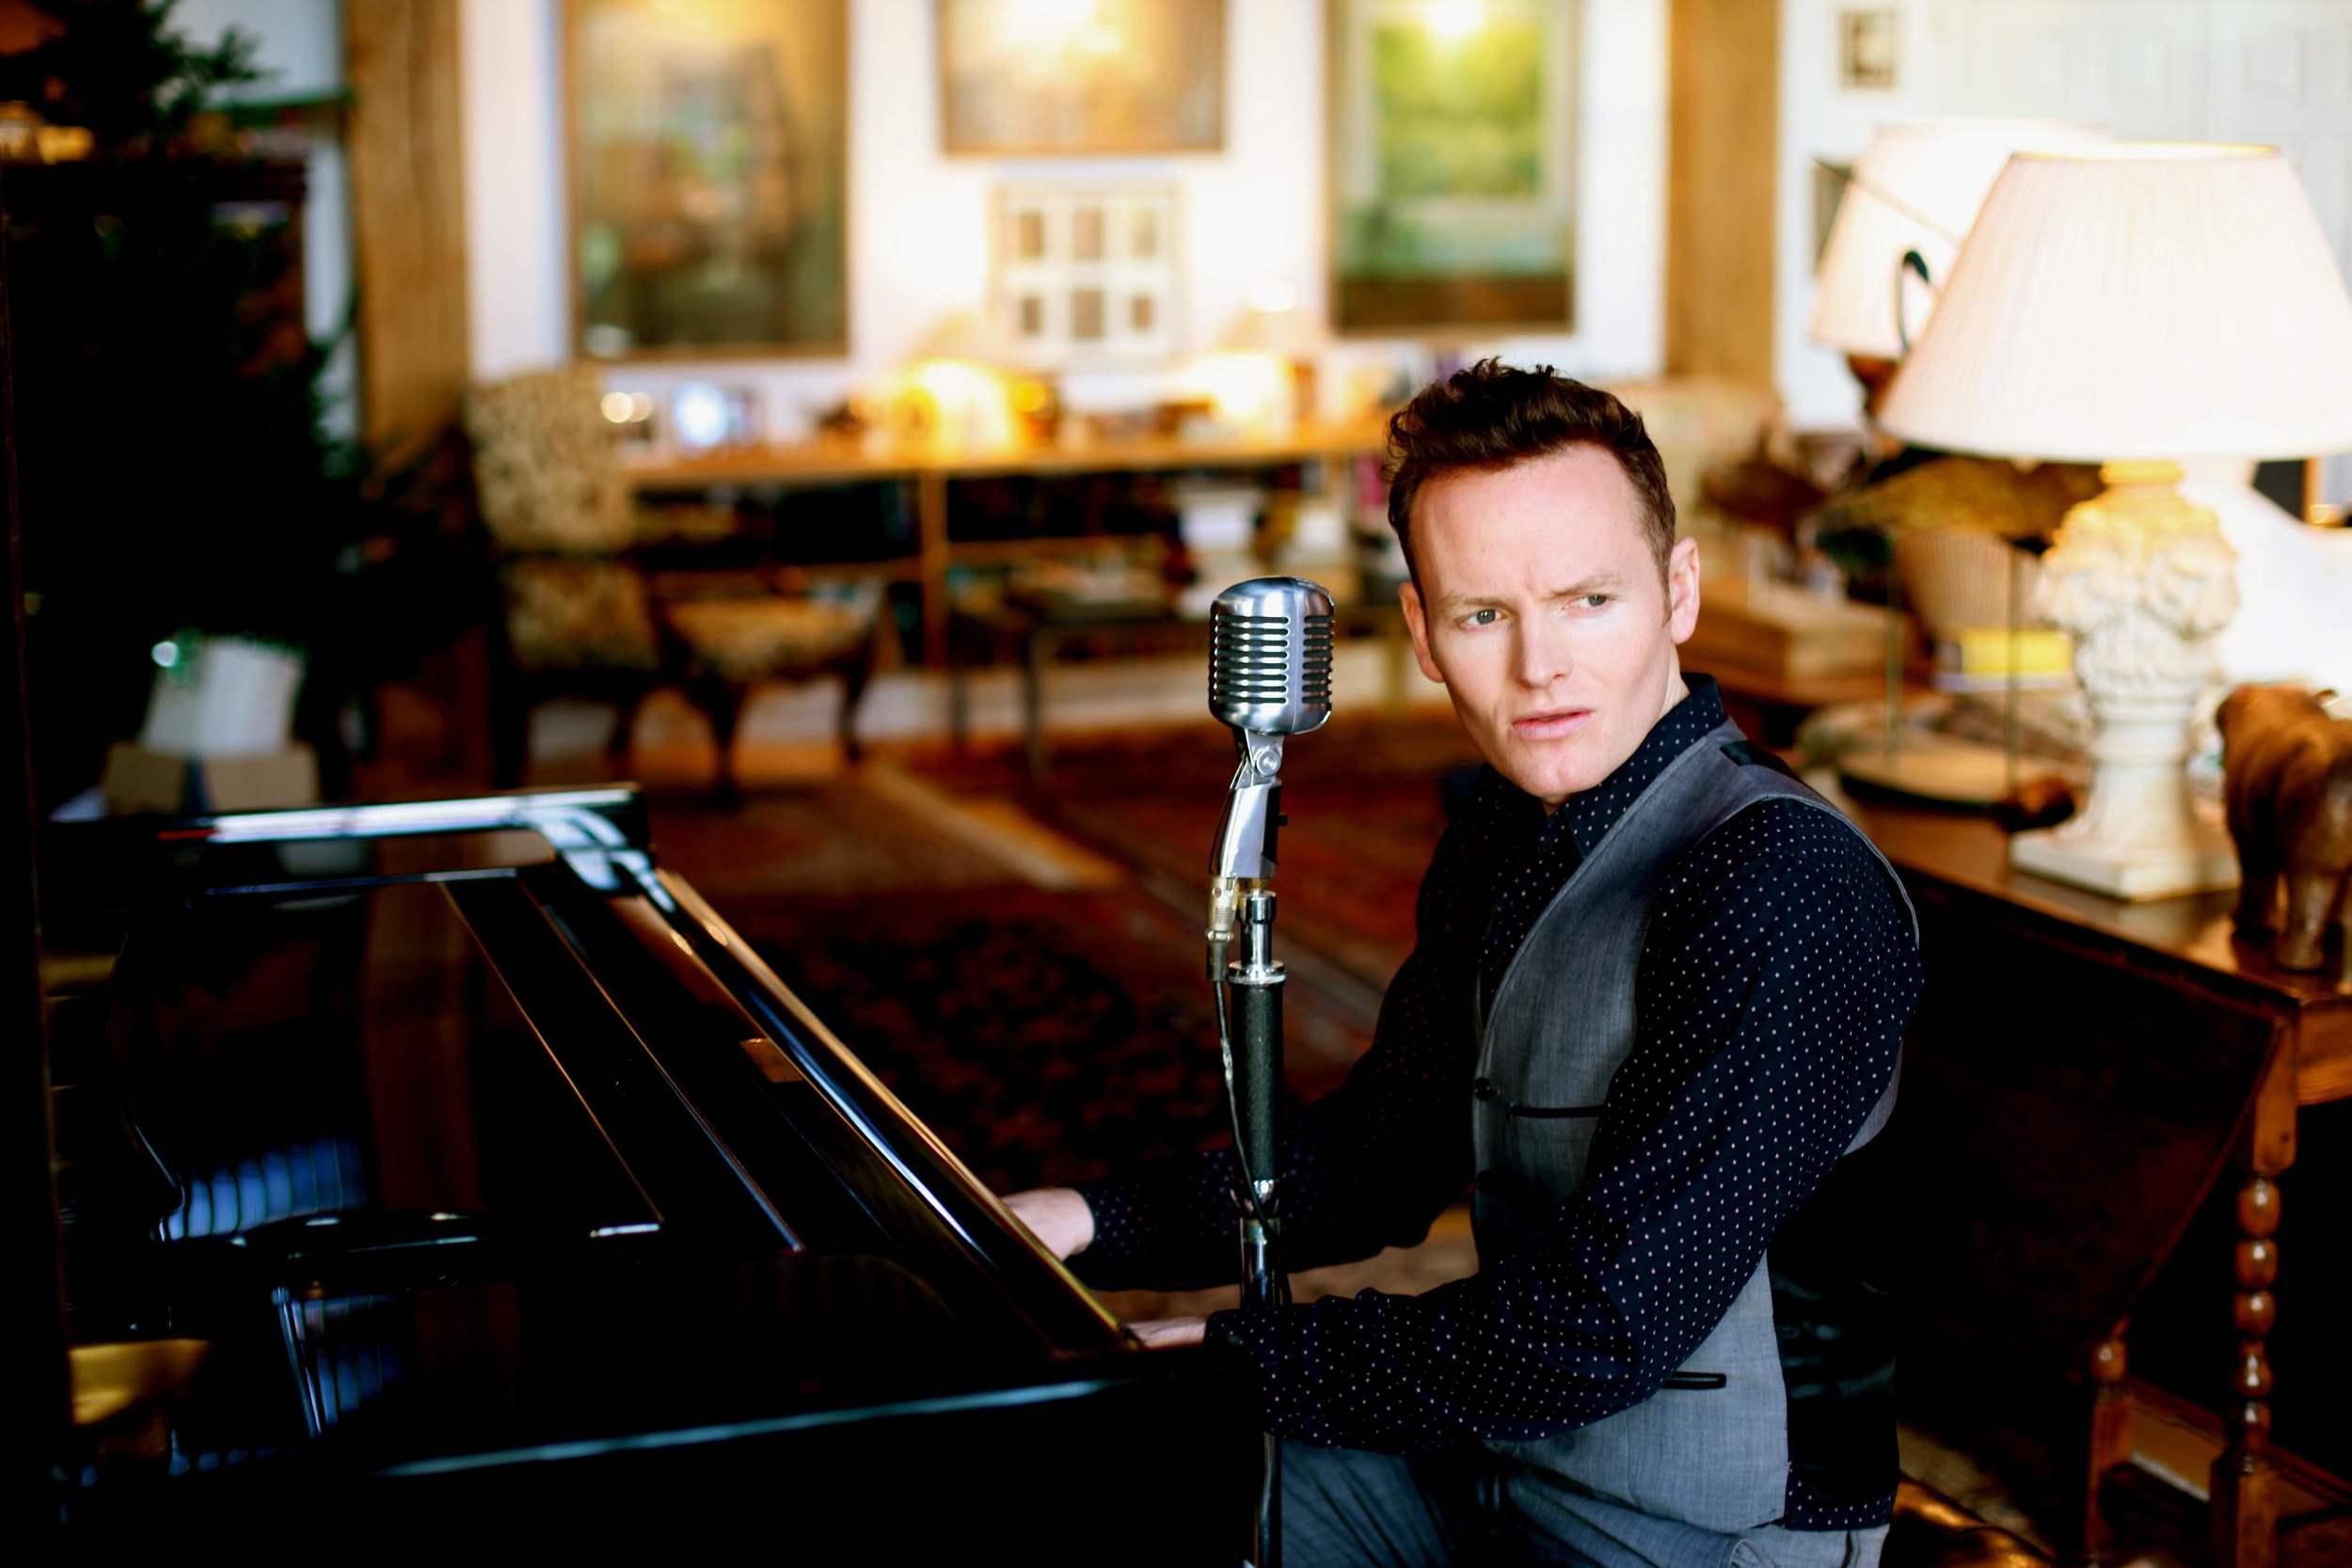 Joe at piano copy.jpg